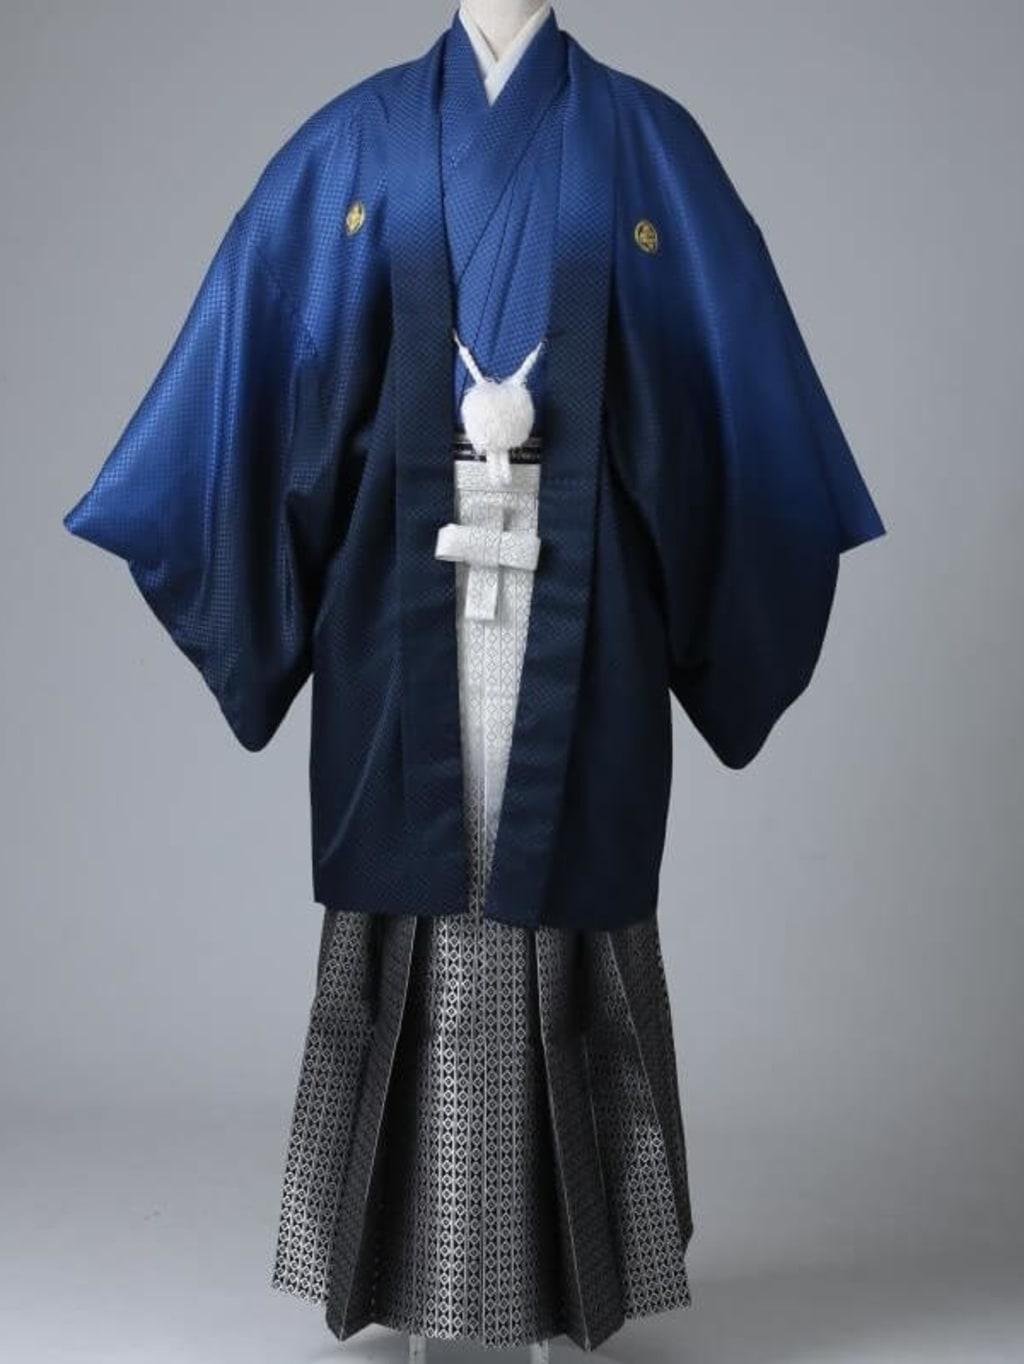 ネイビーグラデーション紋服 グラデーション袴_横浜店